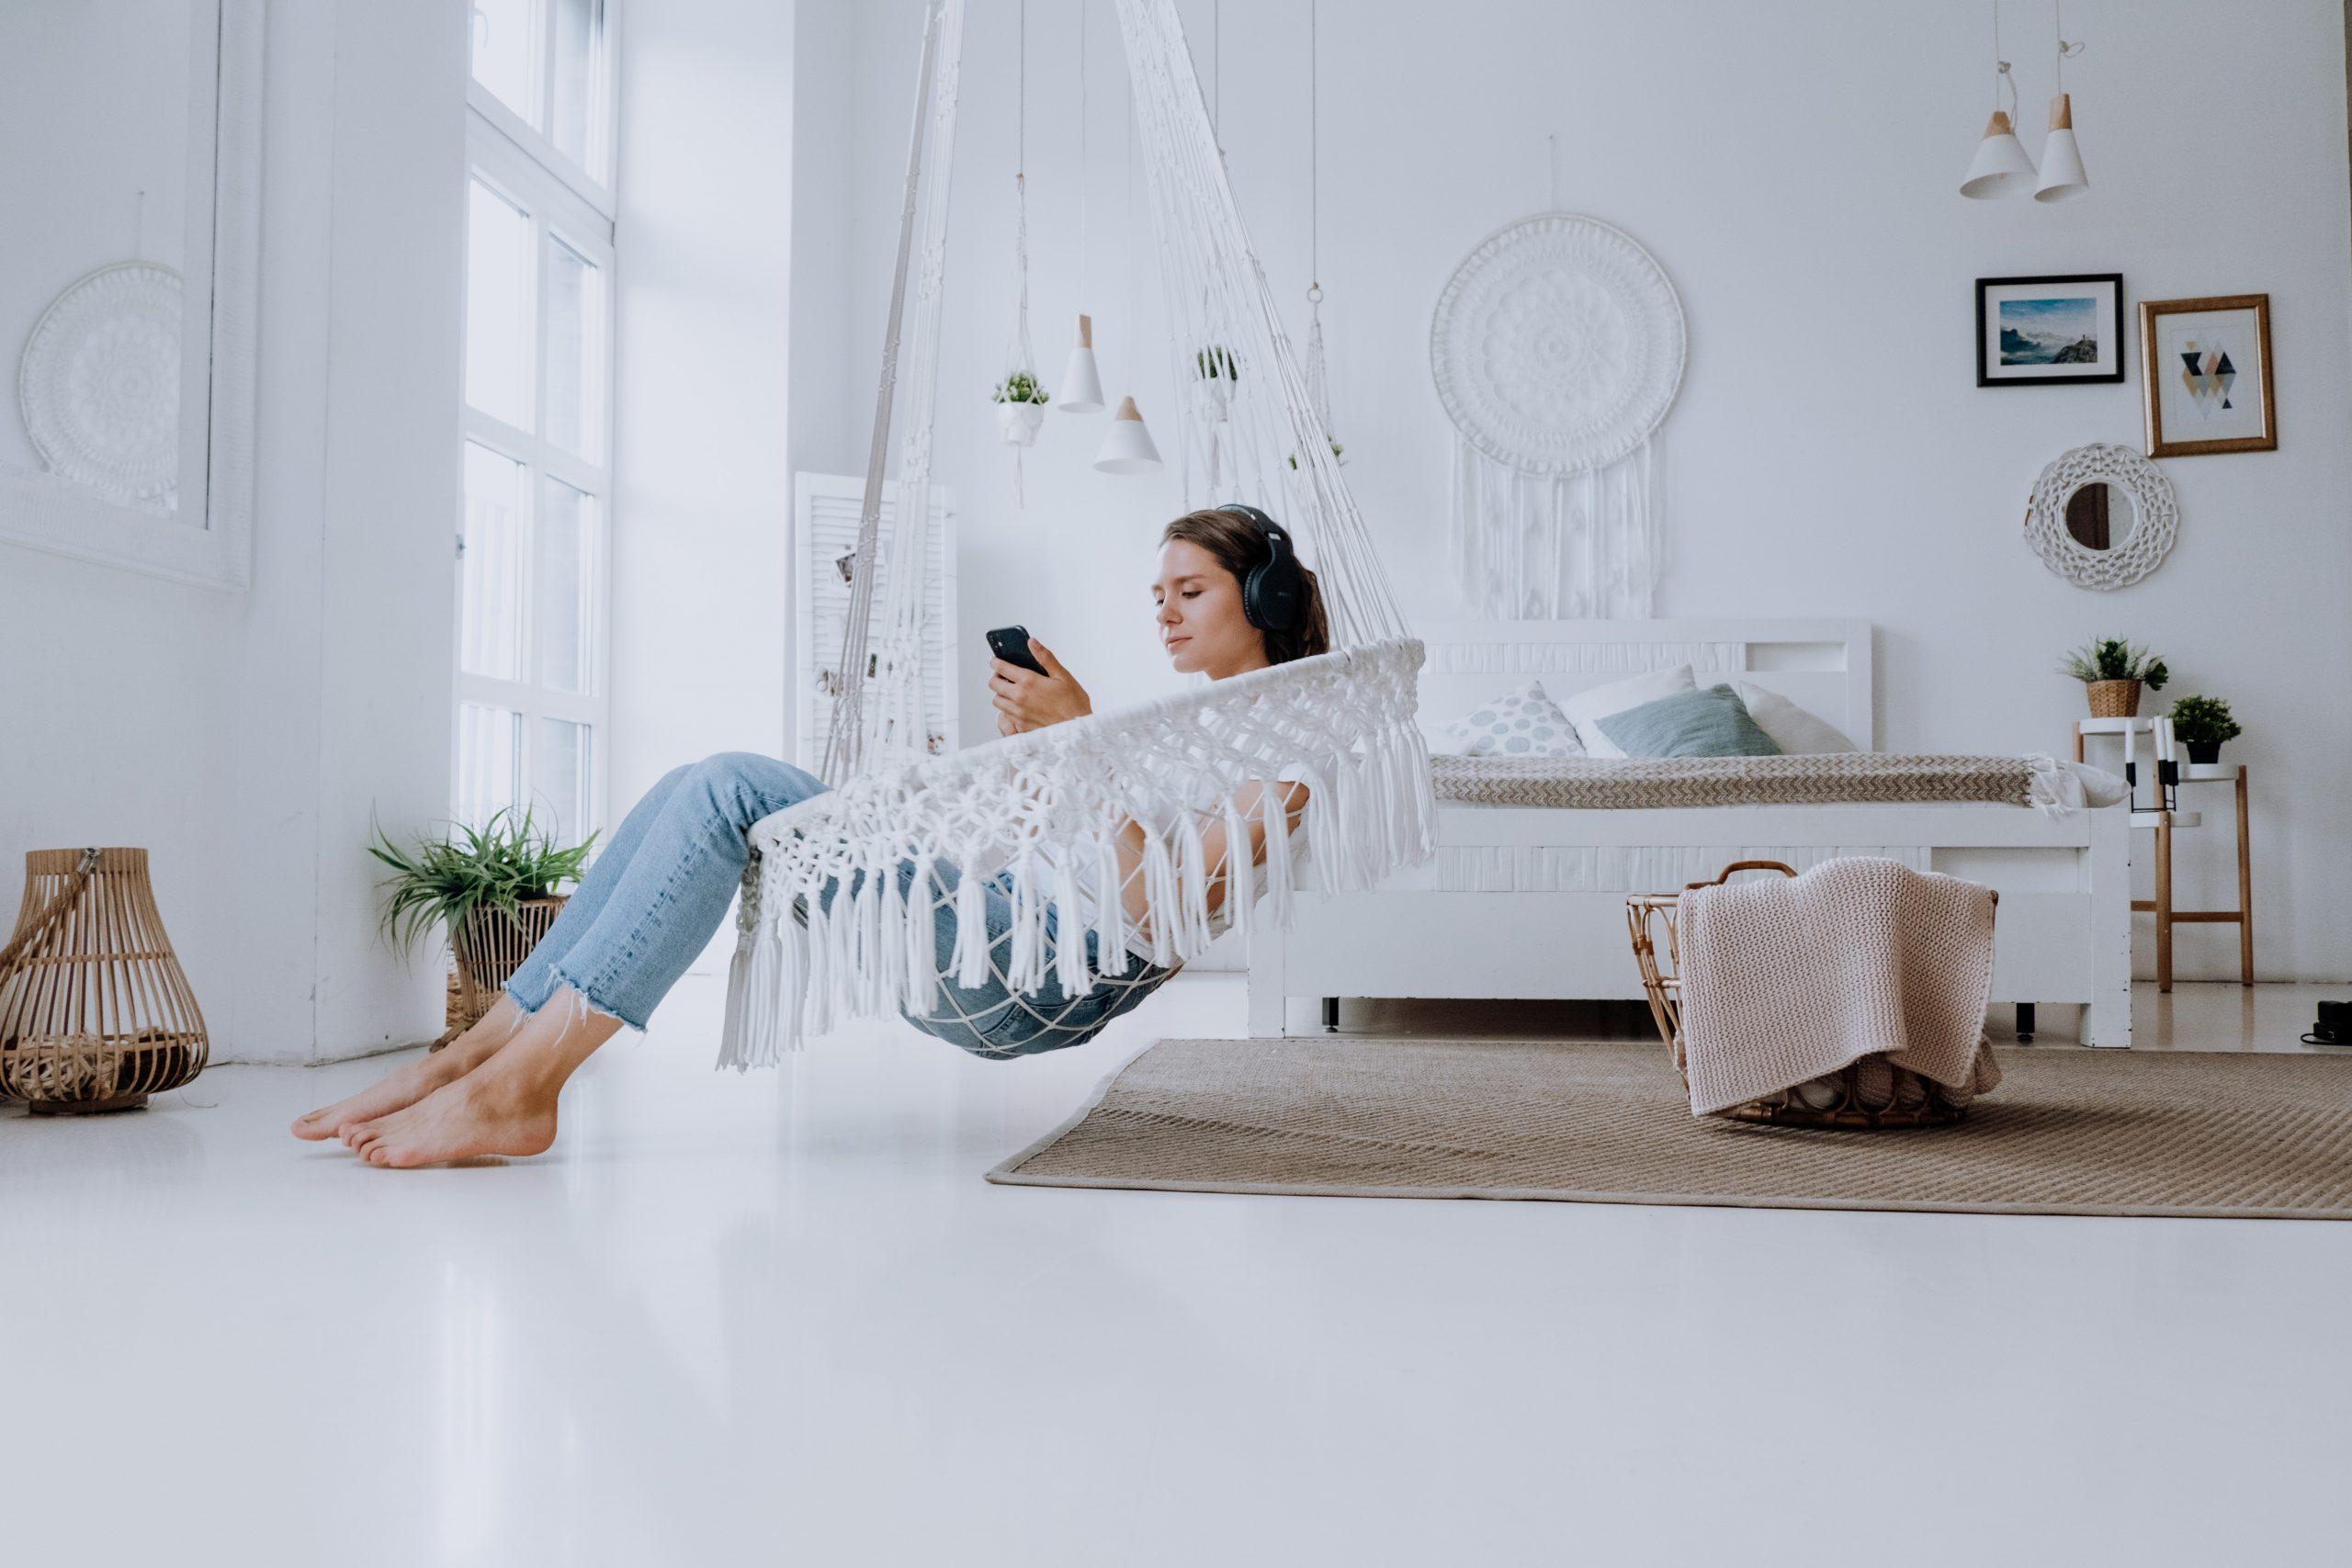 girl-listening-music-relaxing